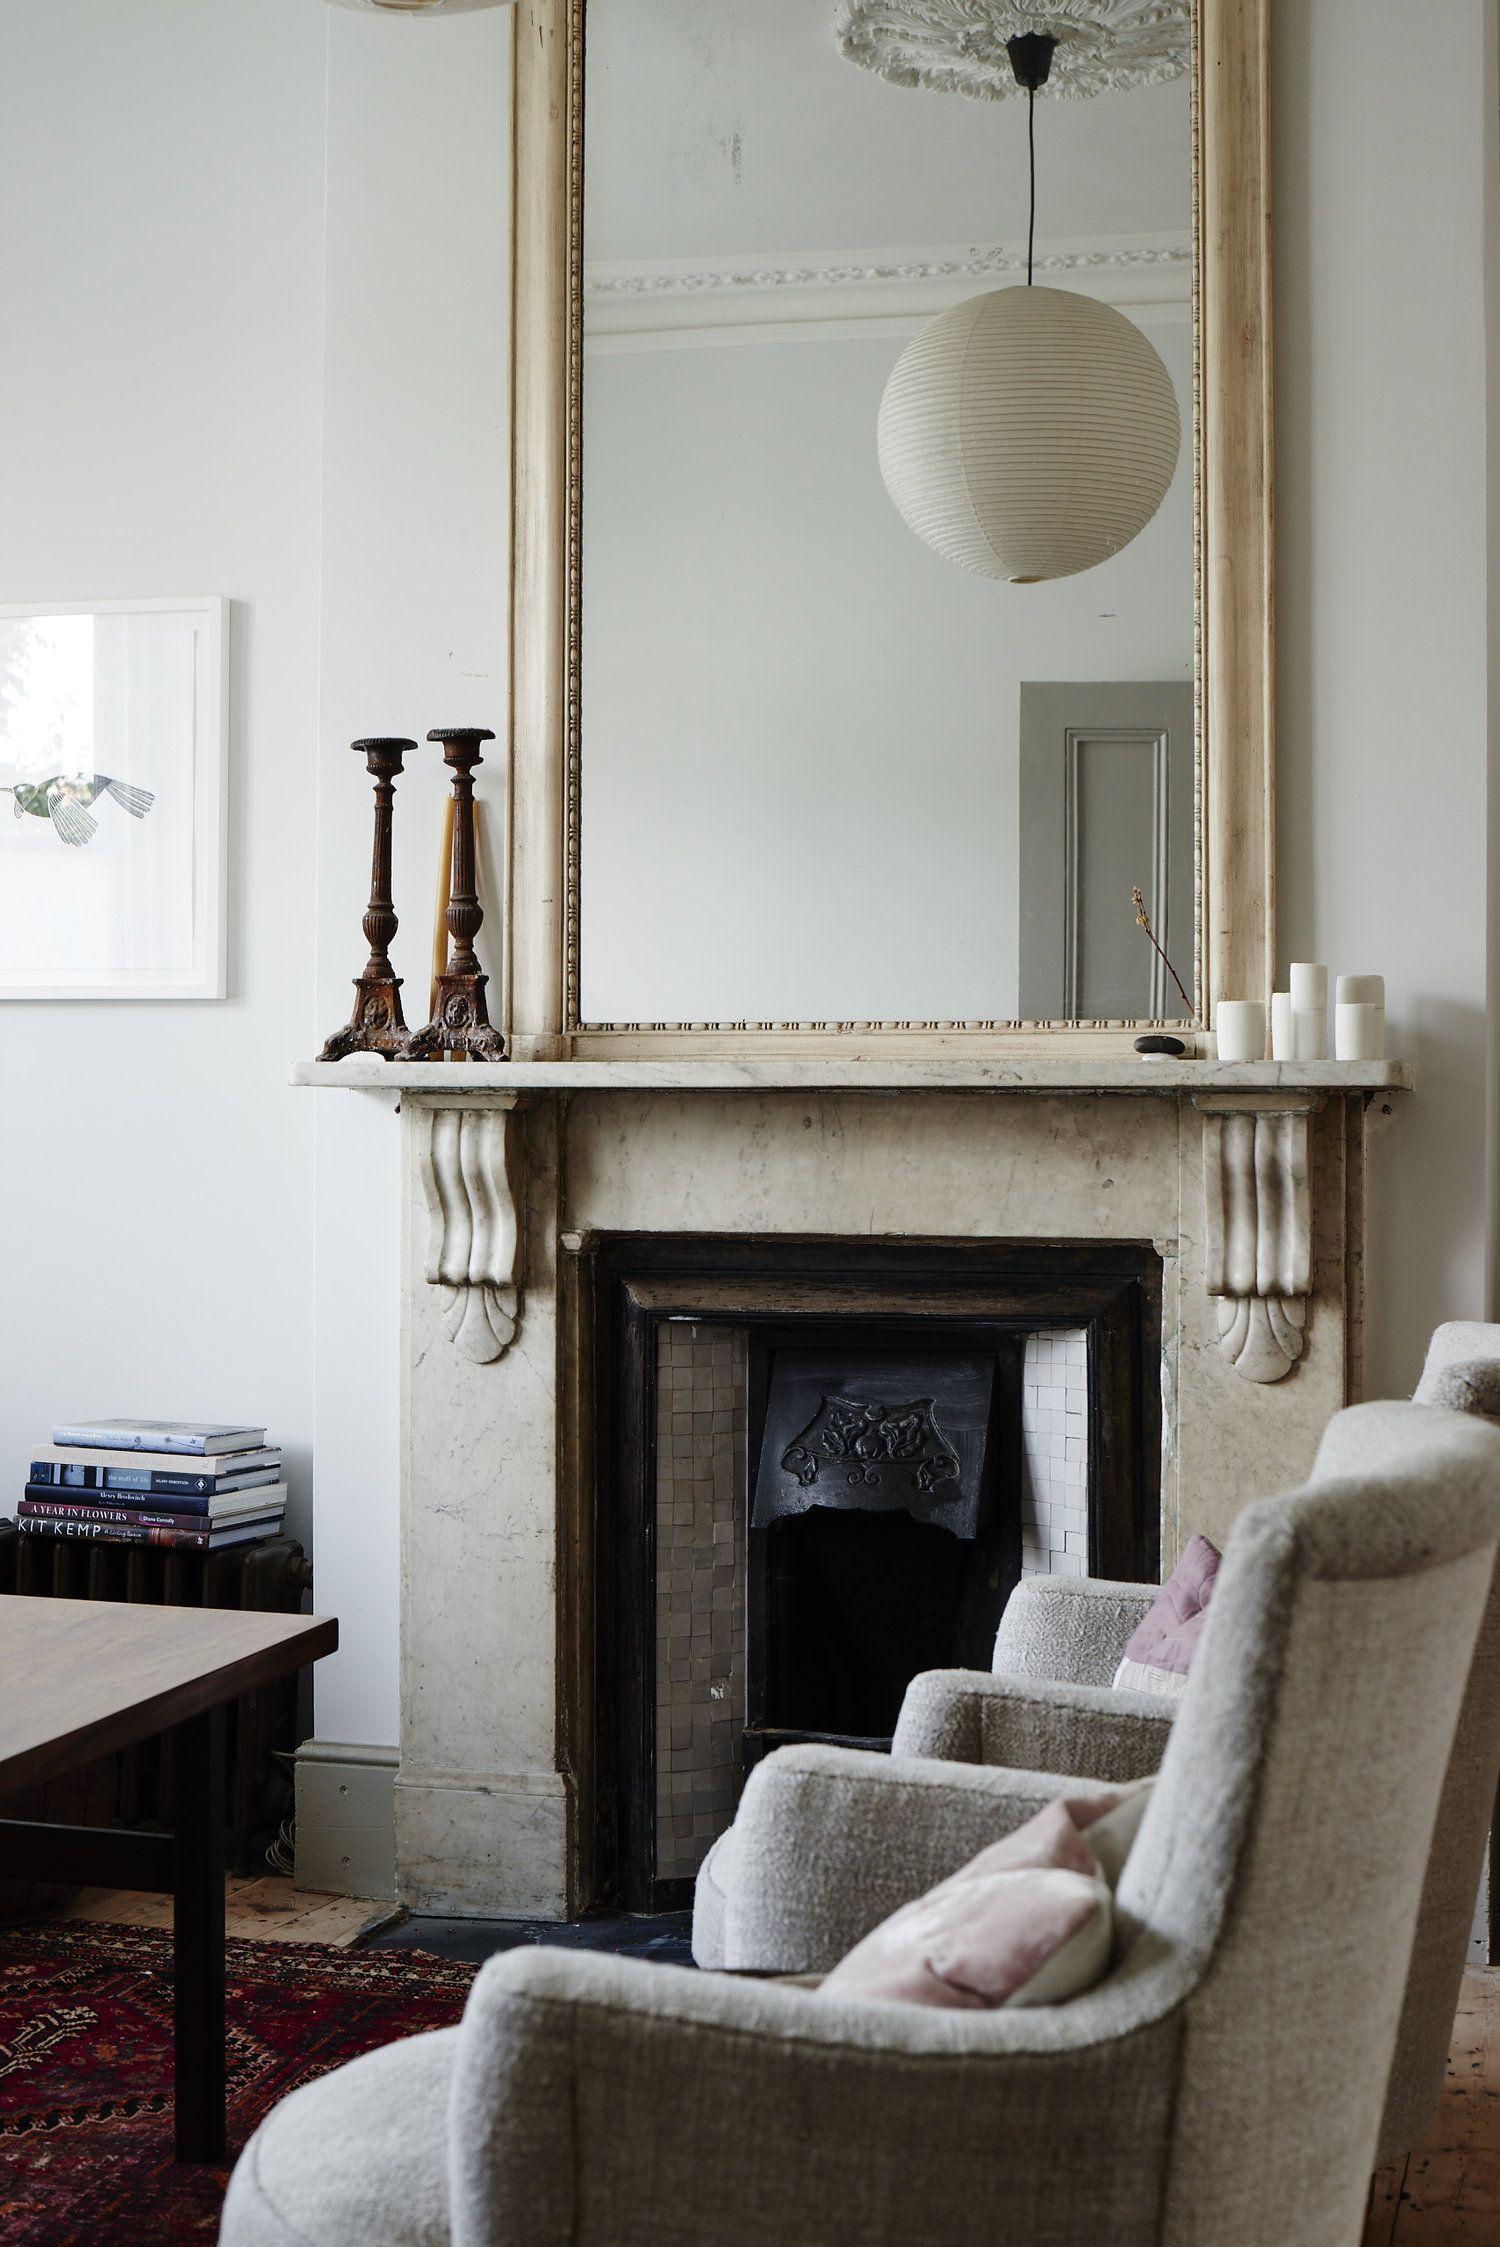 Interior Decorating by Cassandra EllisA meditation on living. A ...